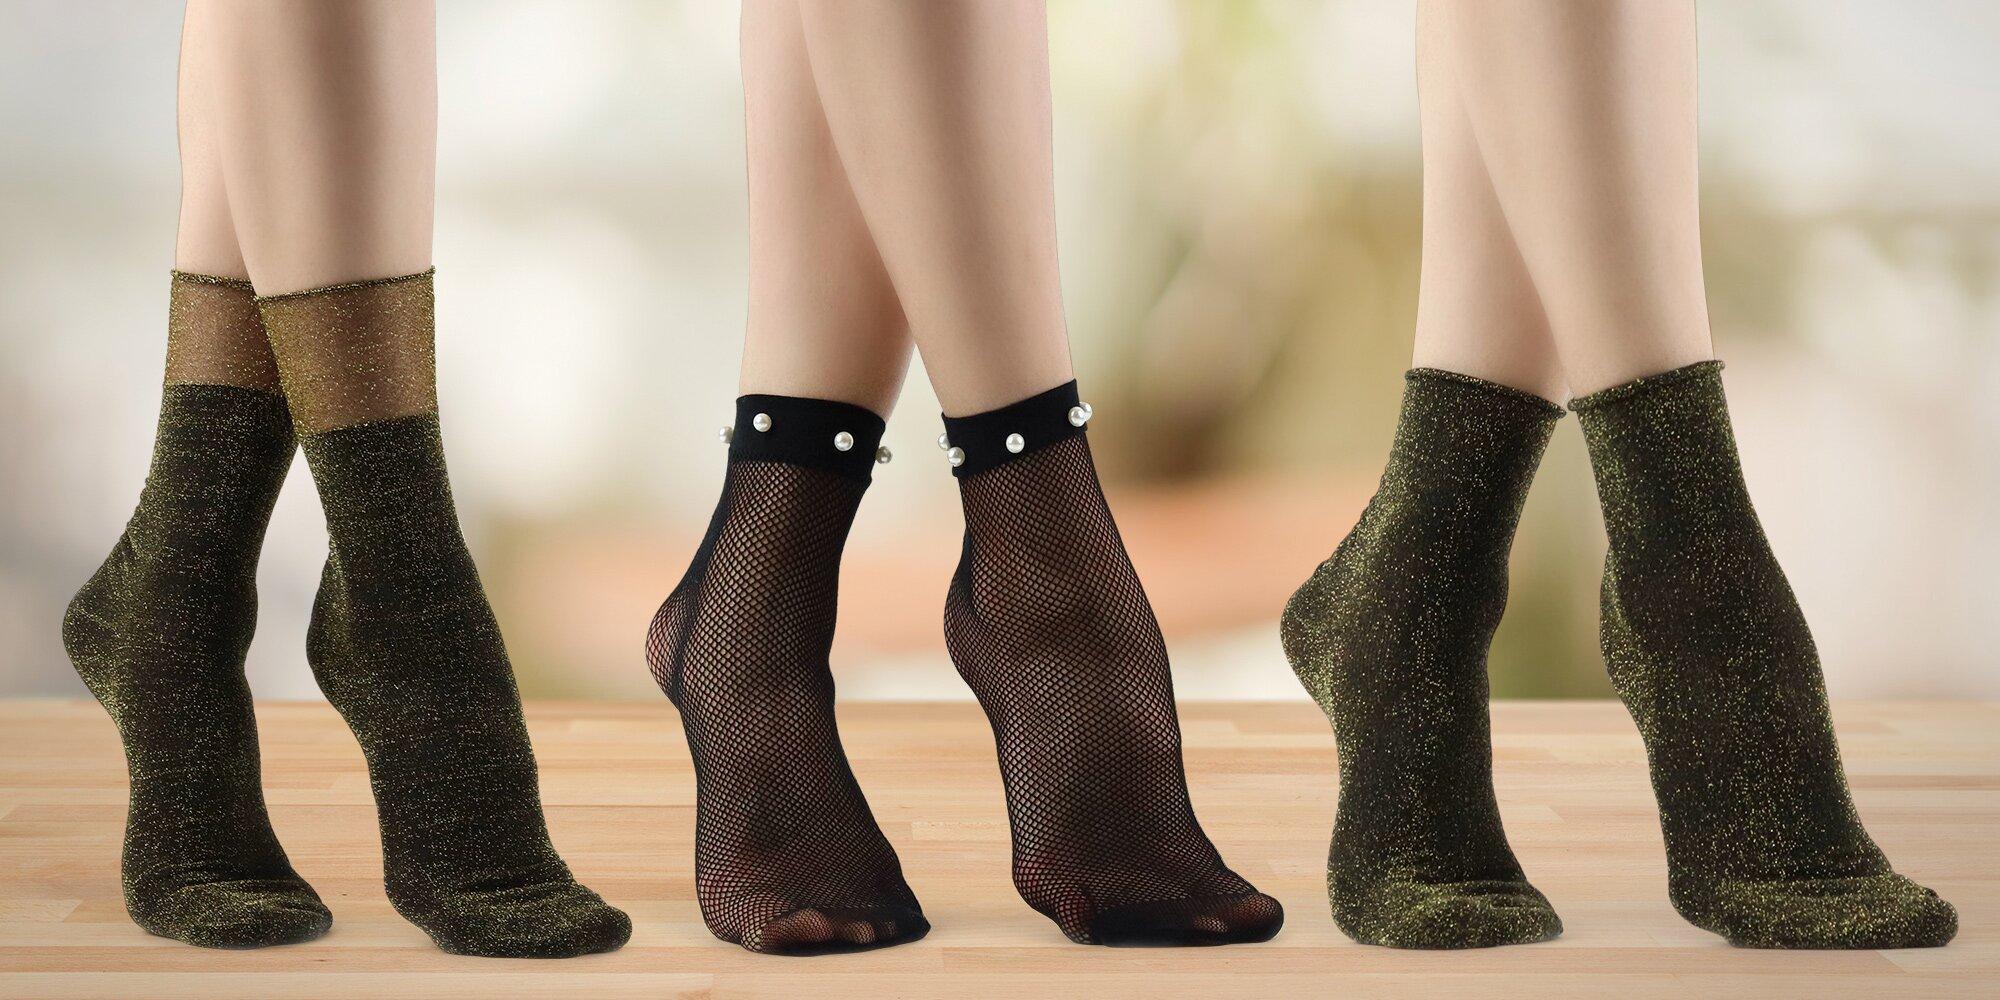 e72a4fce1ee Dámské ponožky  třpytivé nebo s perlami